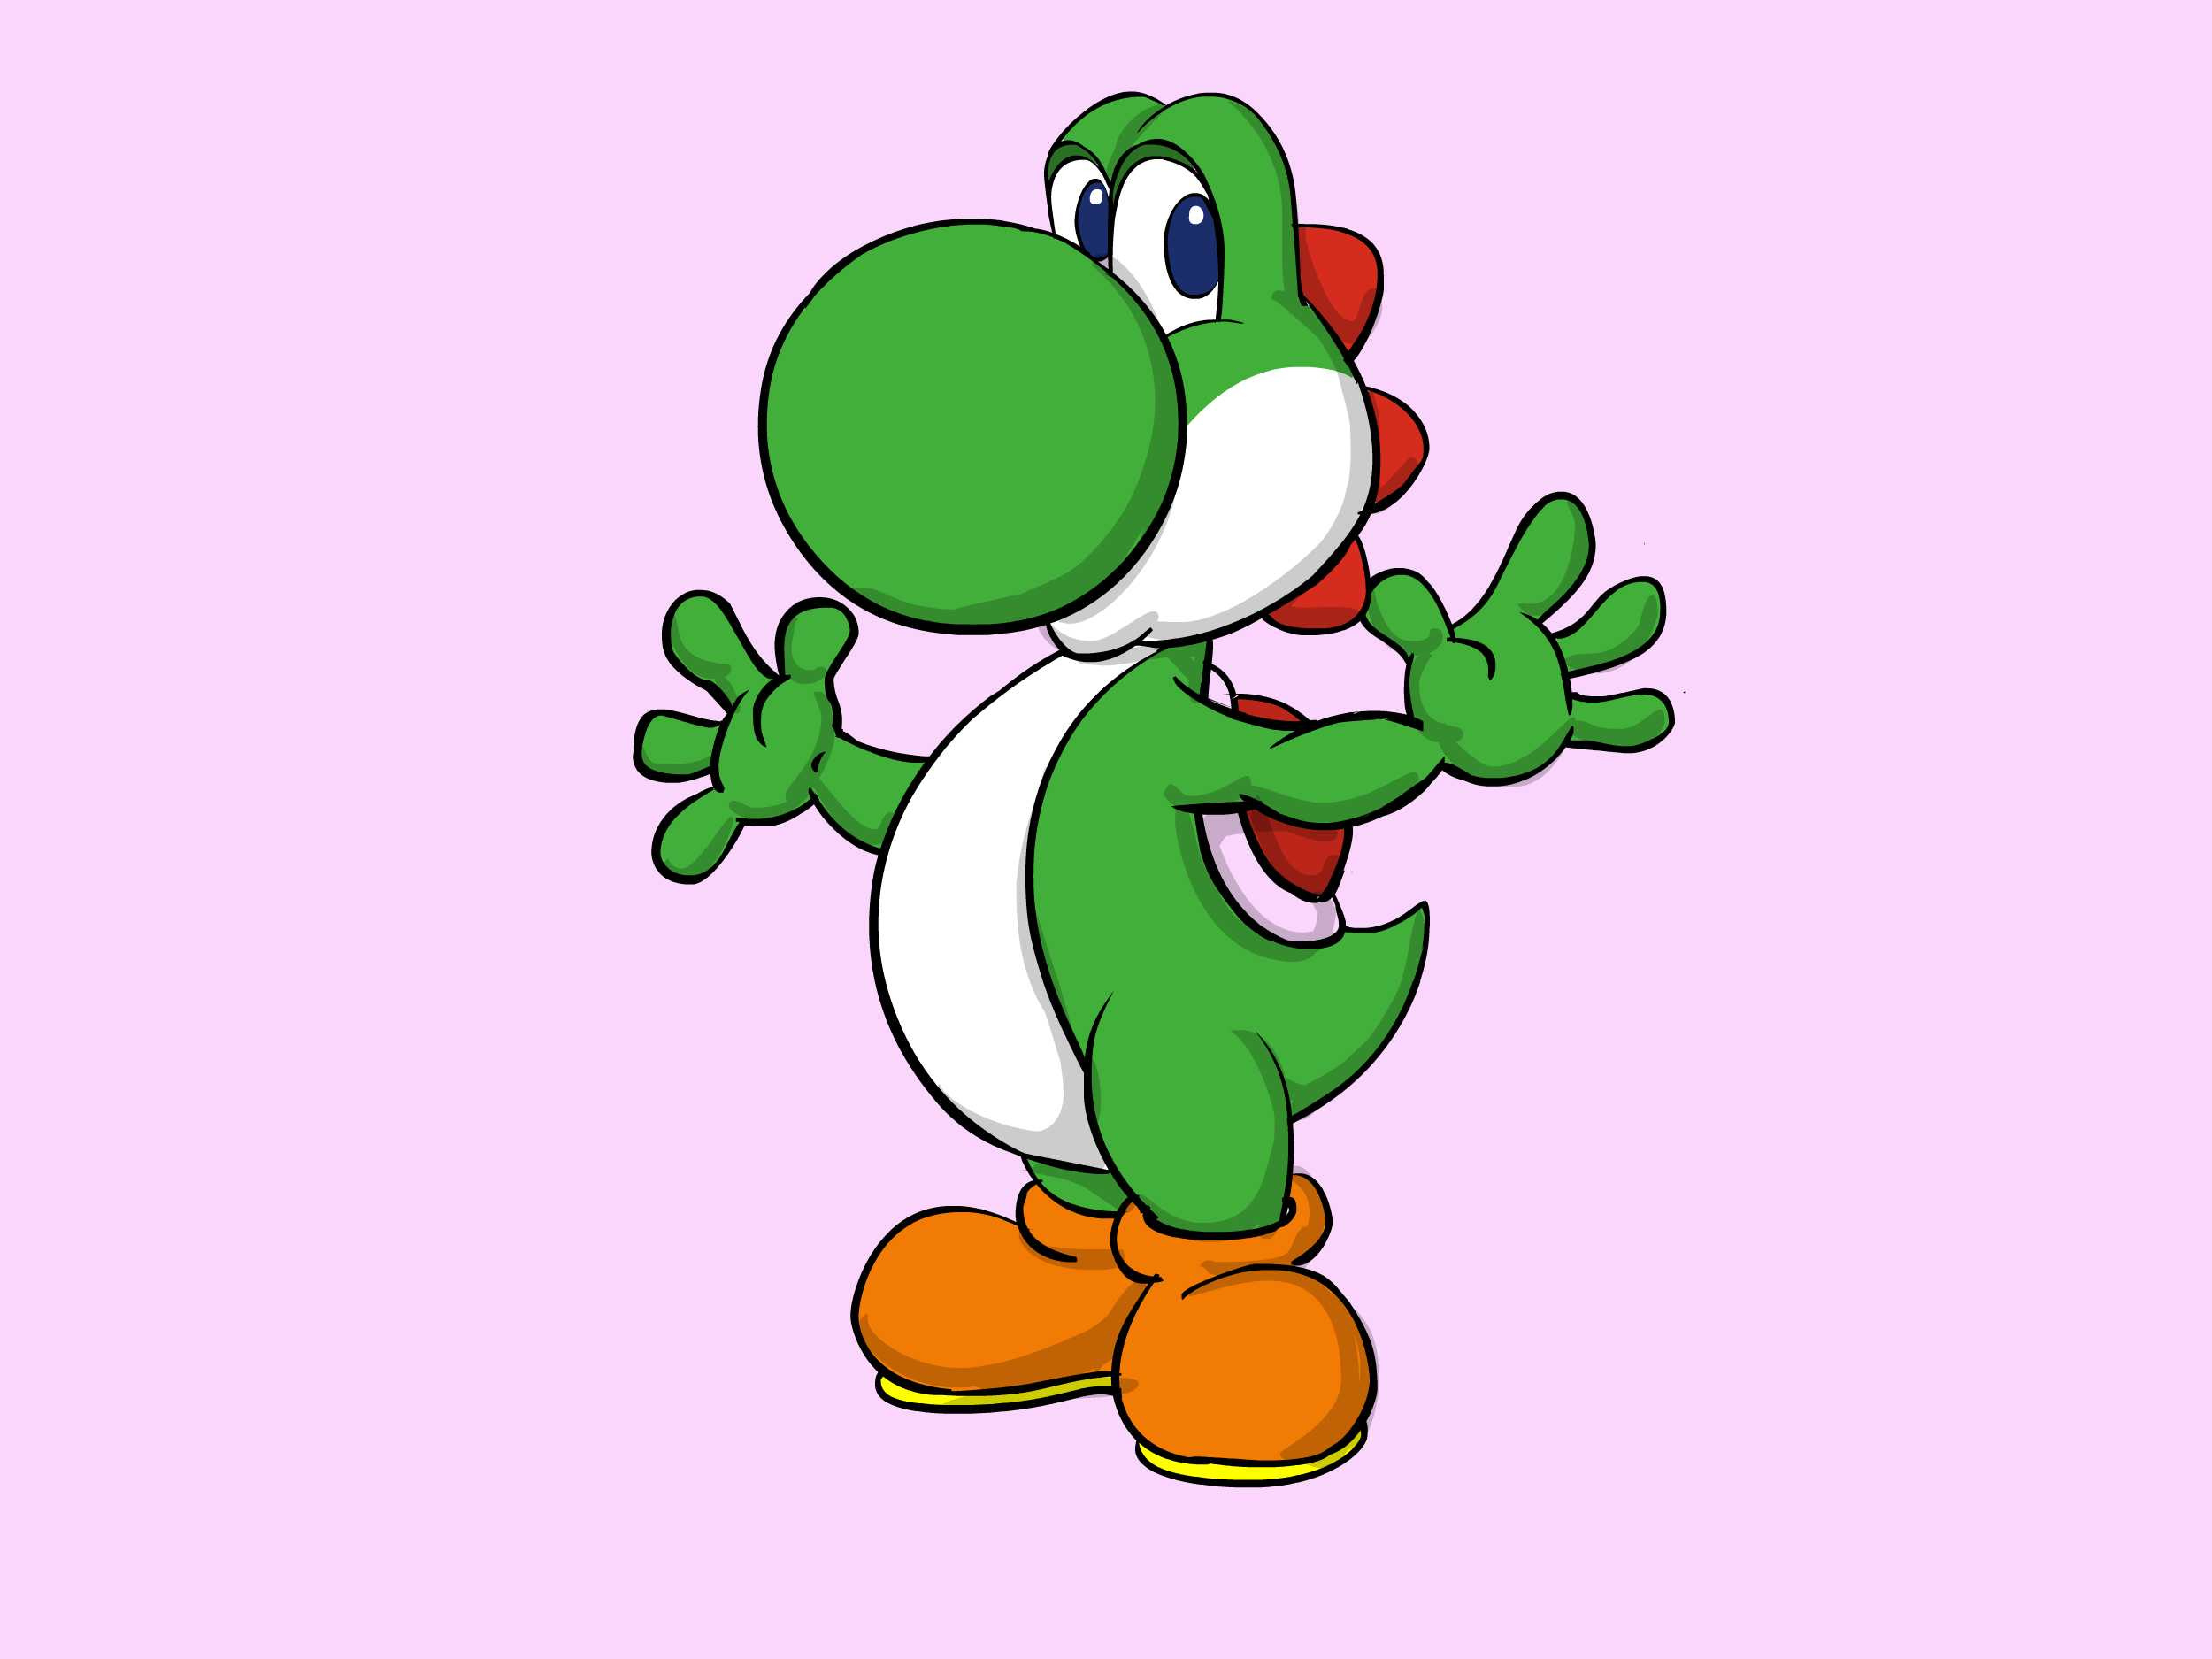 Mario Kart 8 Drawings